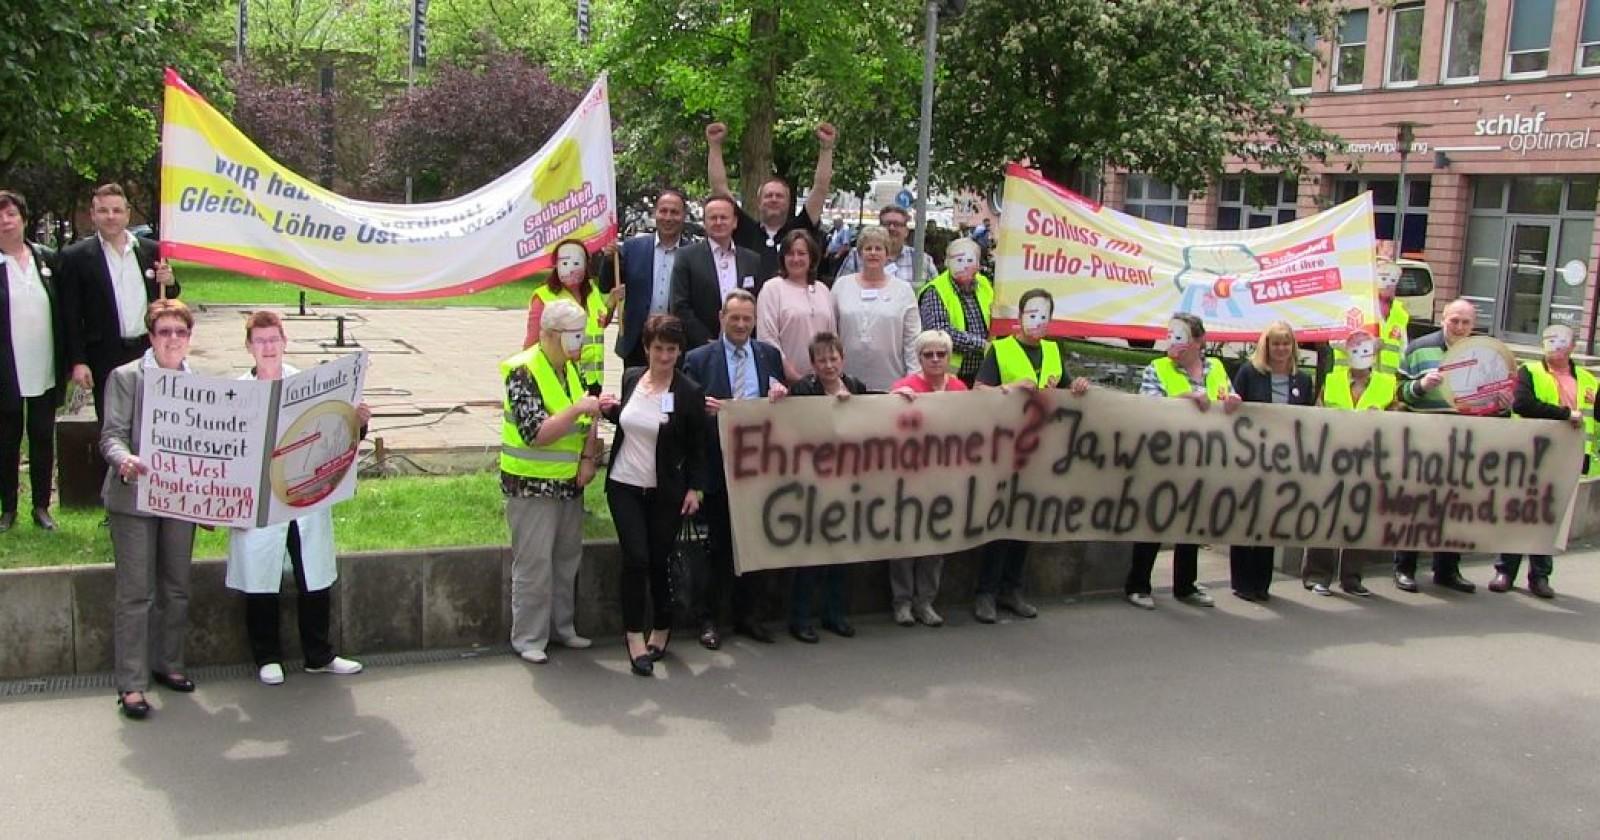 +++ Liveticker Leipzig +++ Unterstützung für unsere Tarifkommission